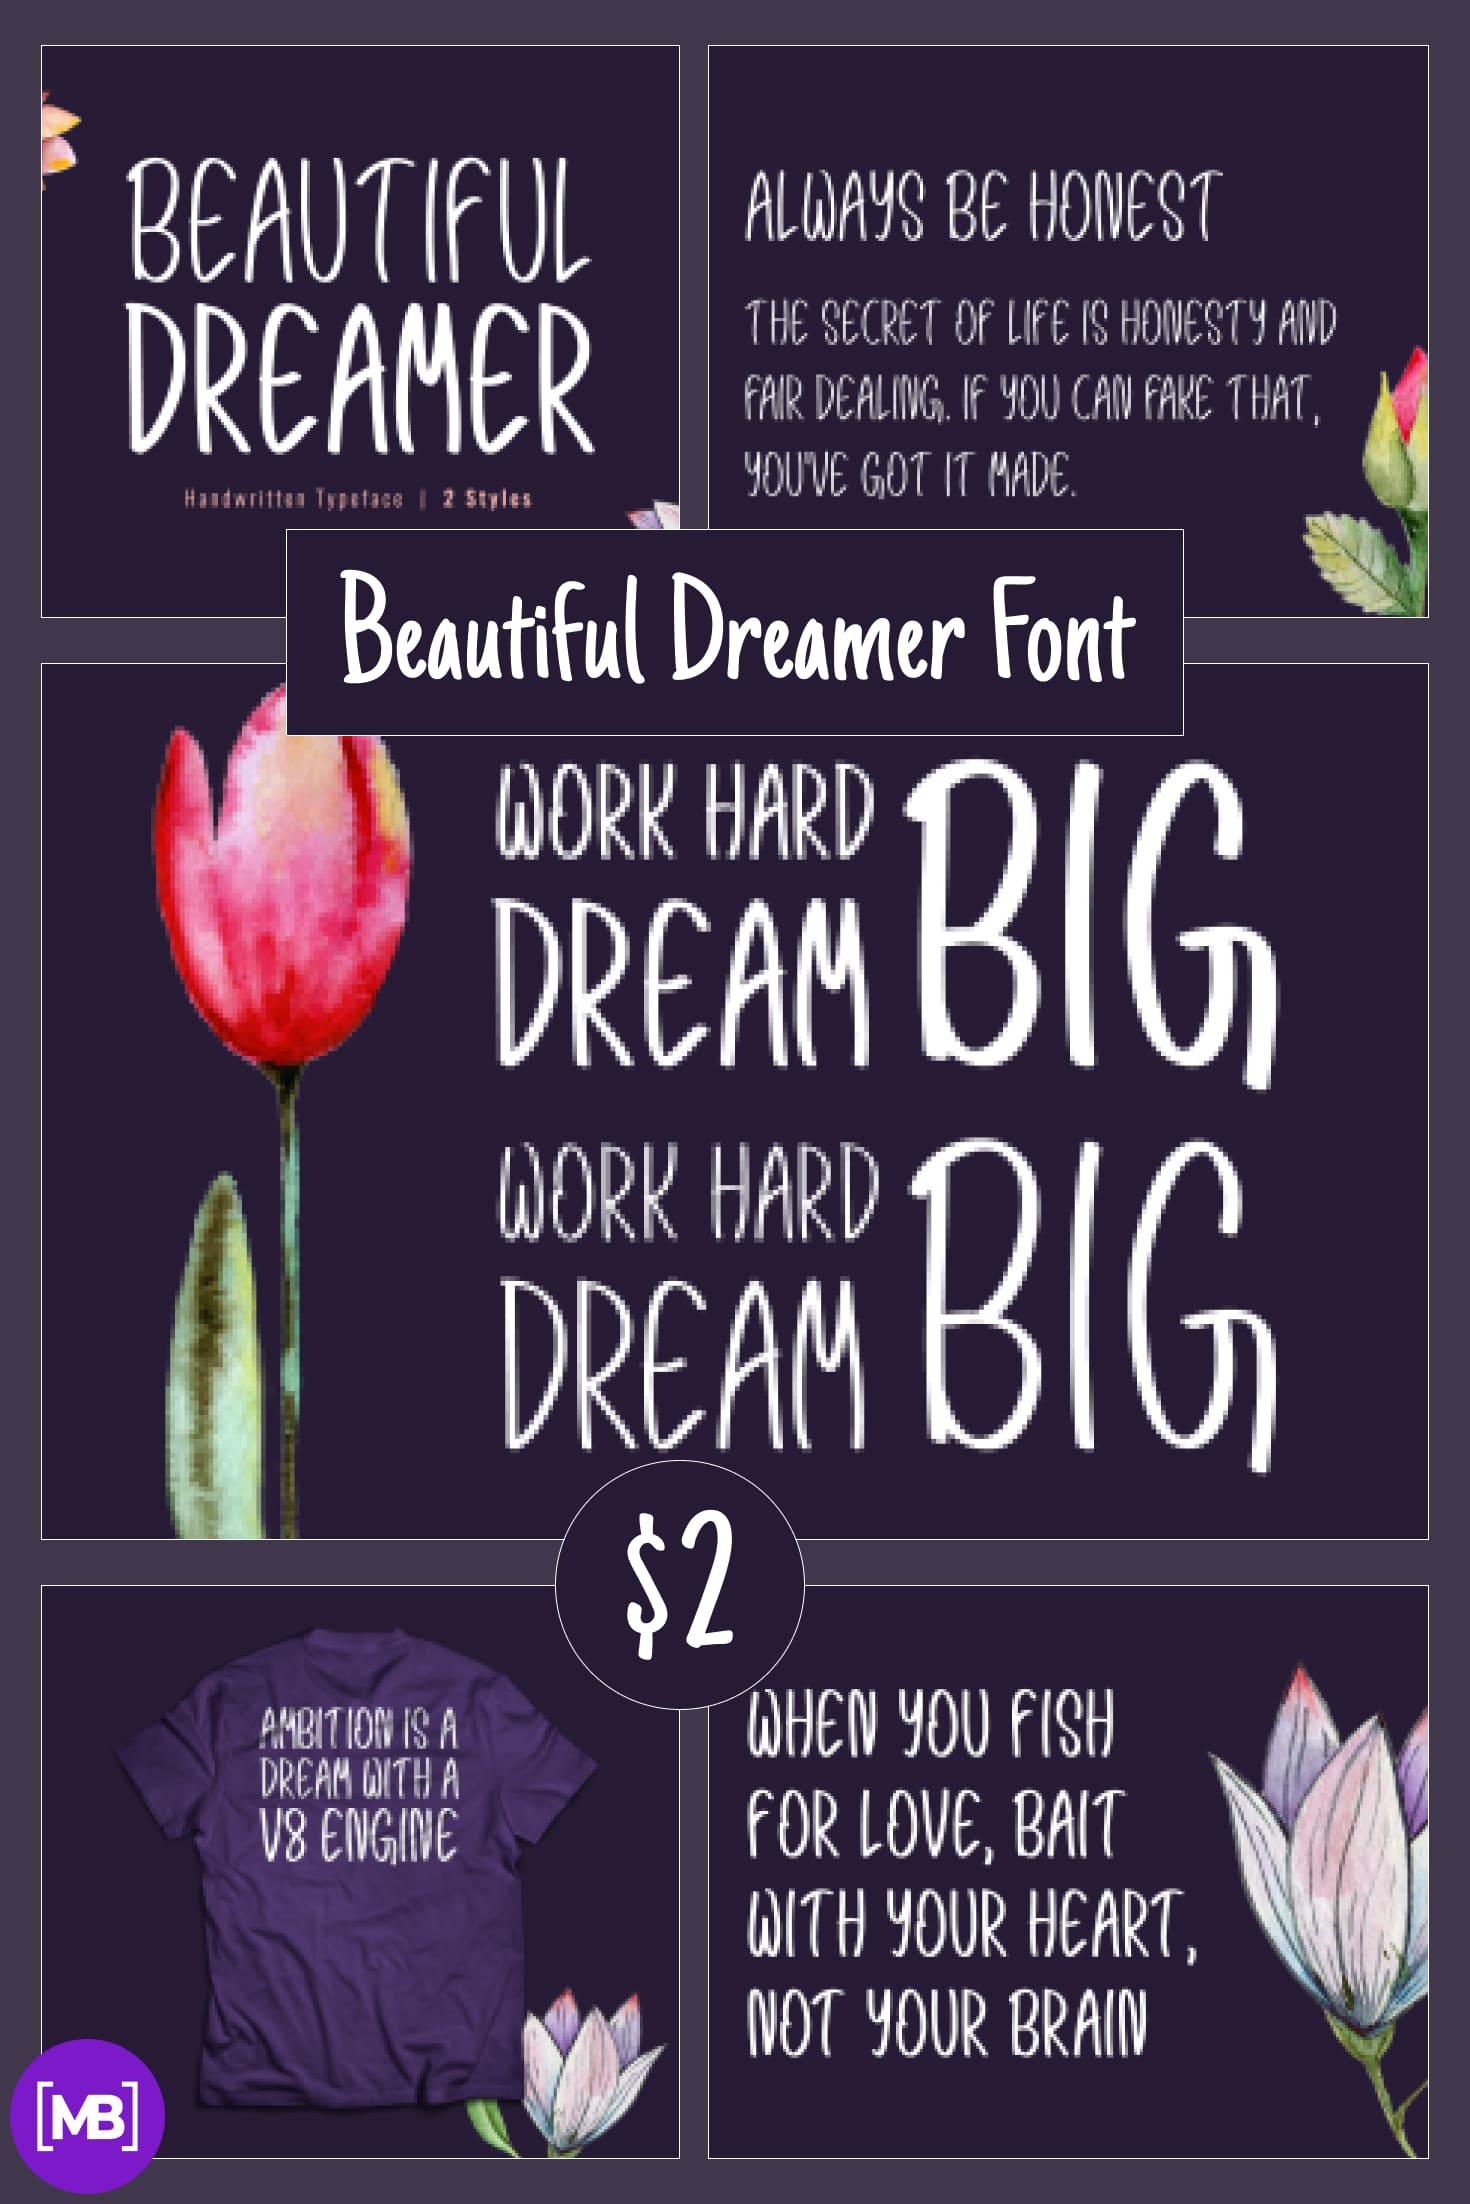 Pinterest Image: Beautiful Dreamer Font – Modern Handwritten Typeface – $2.